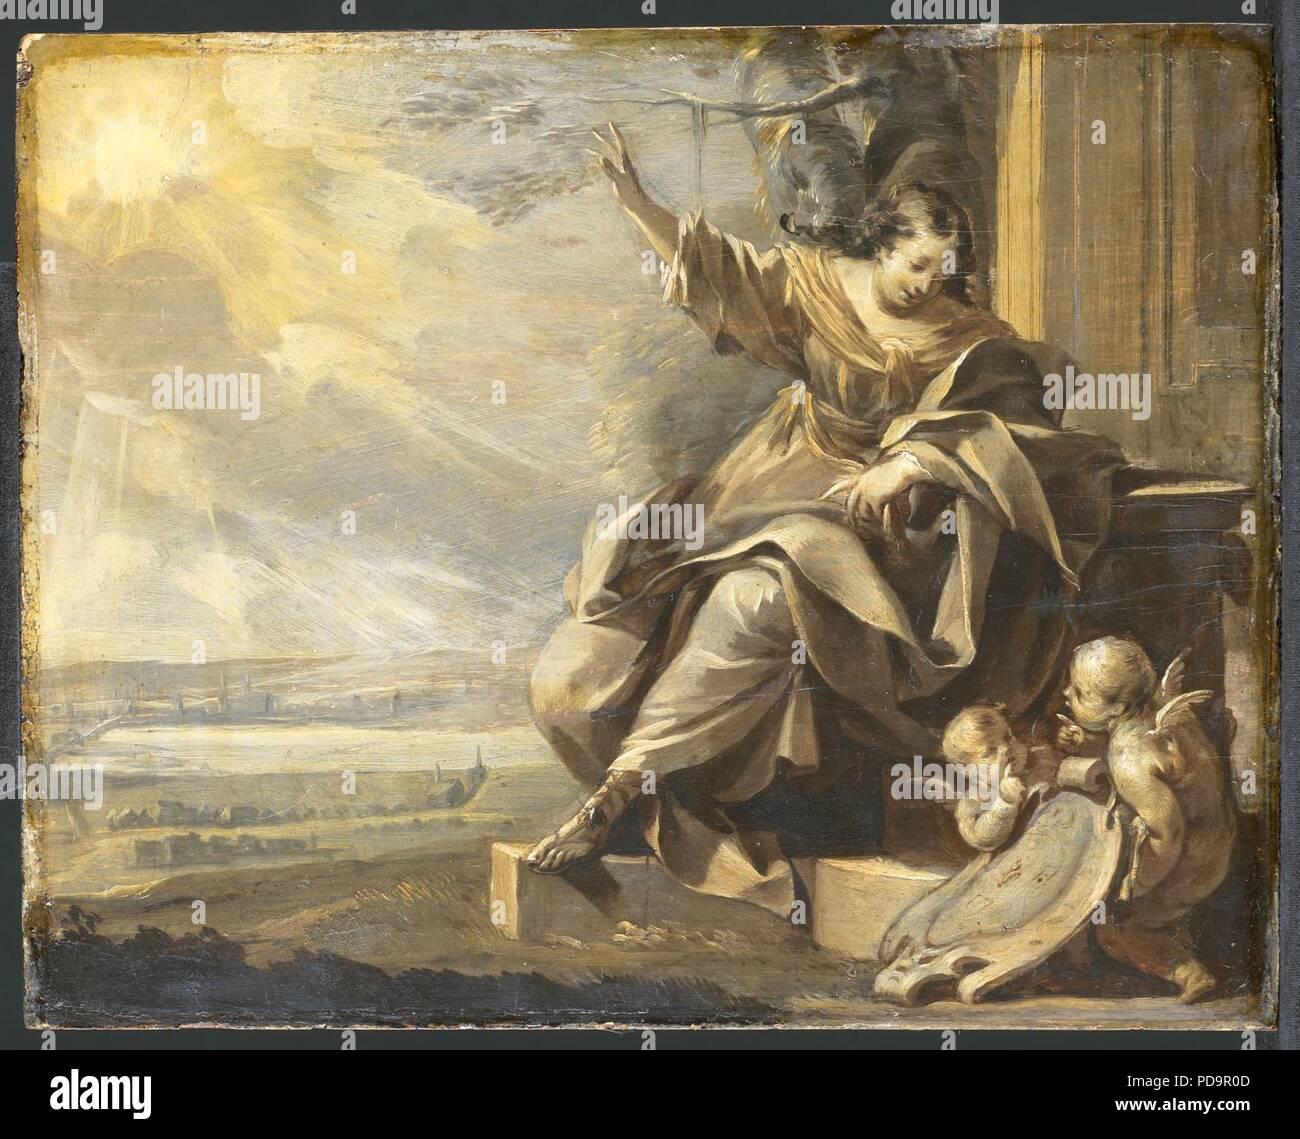 Allegorische vrouwenfiguur met twee putti - Stock Image